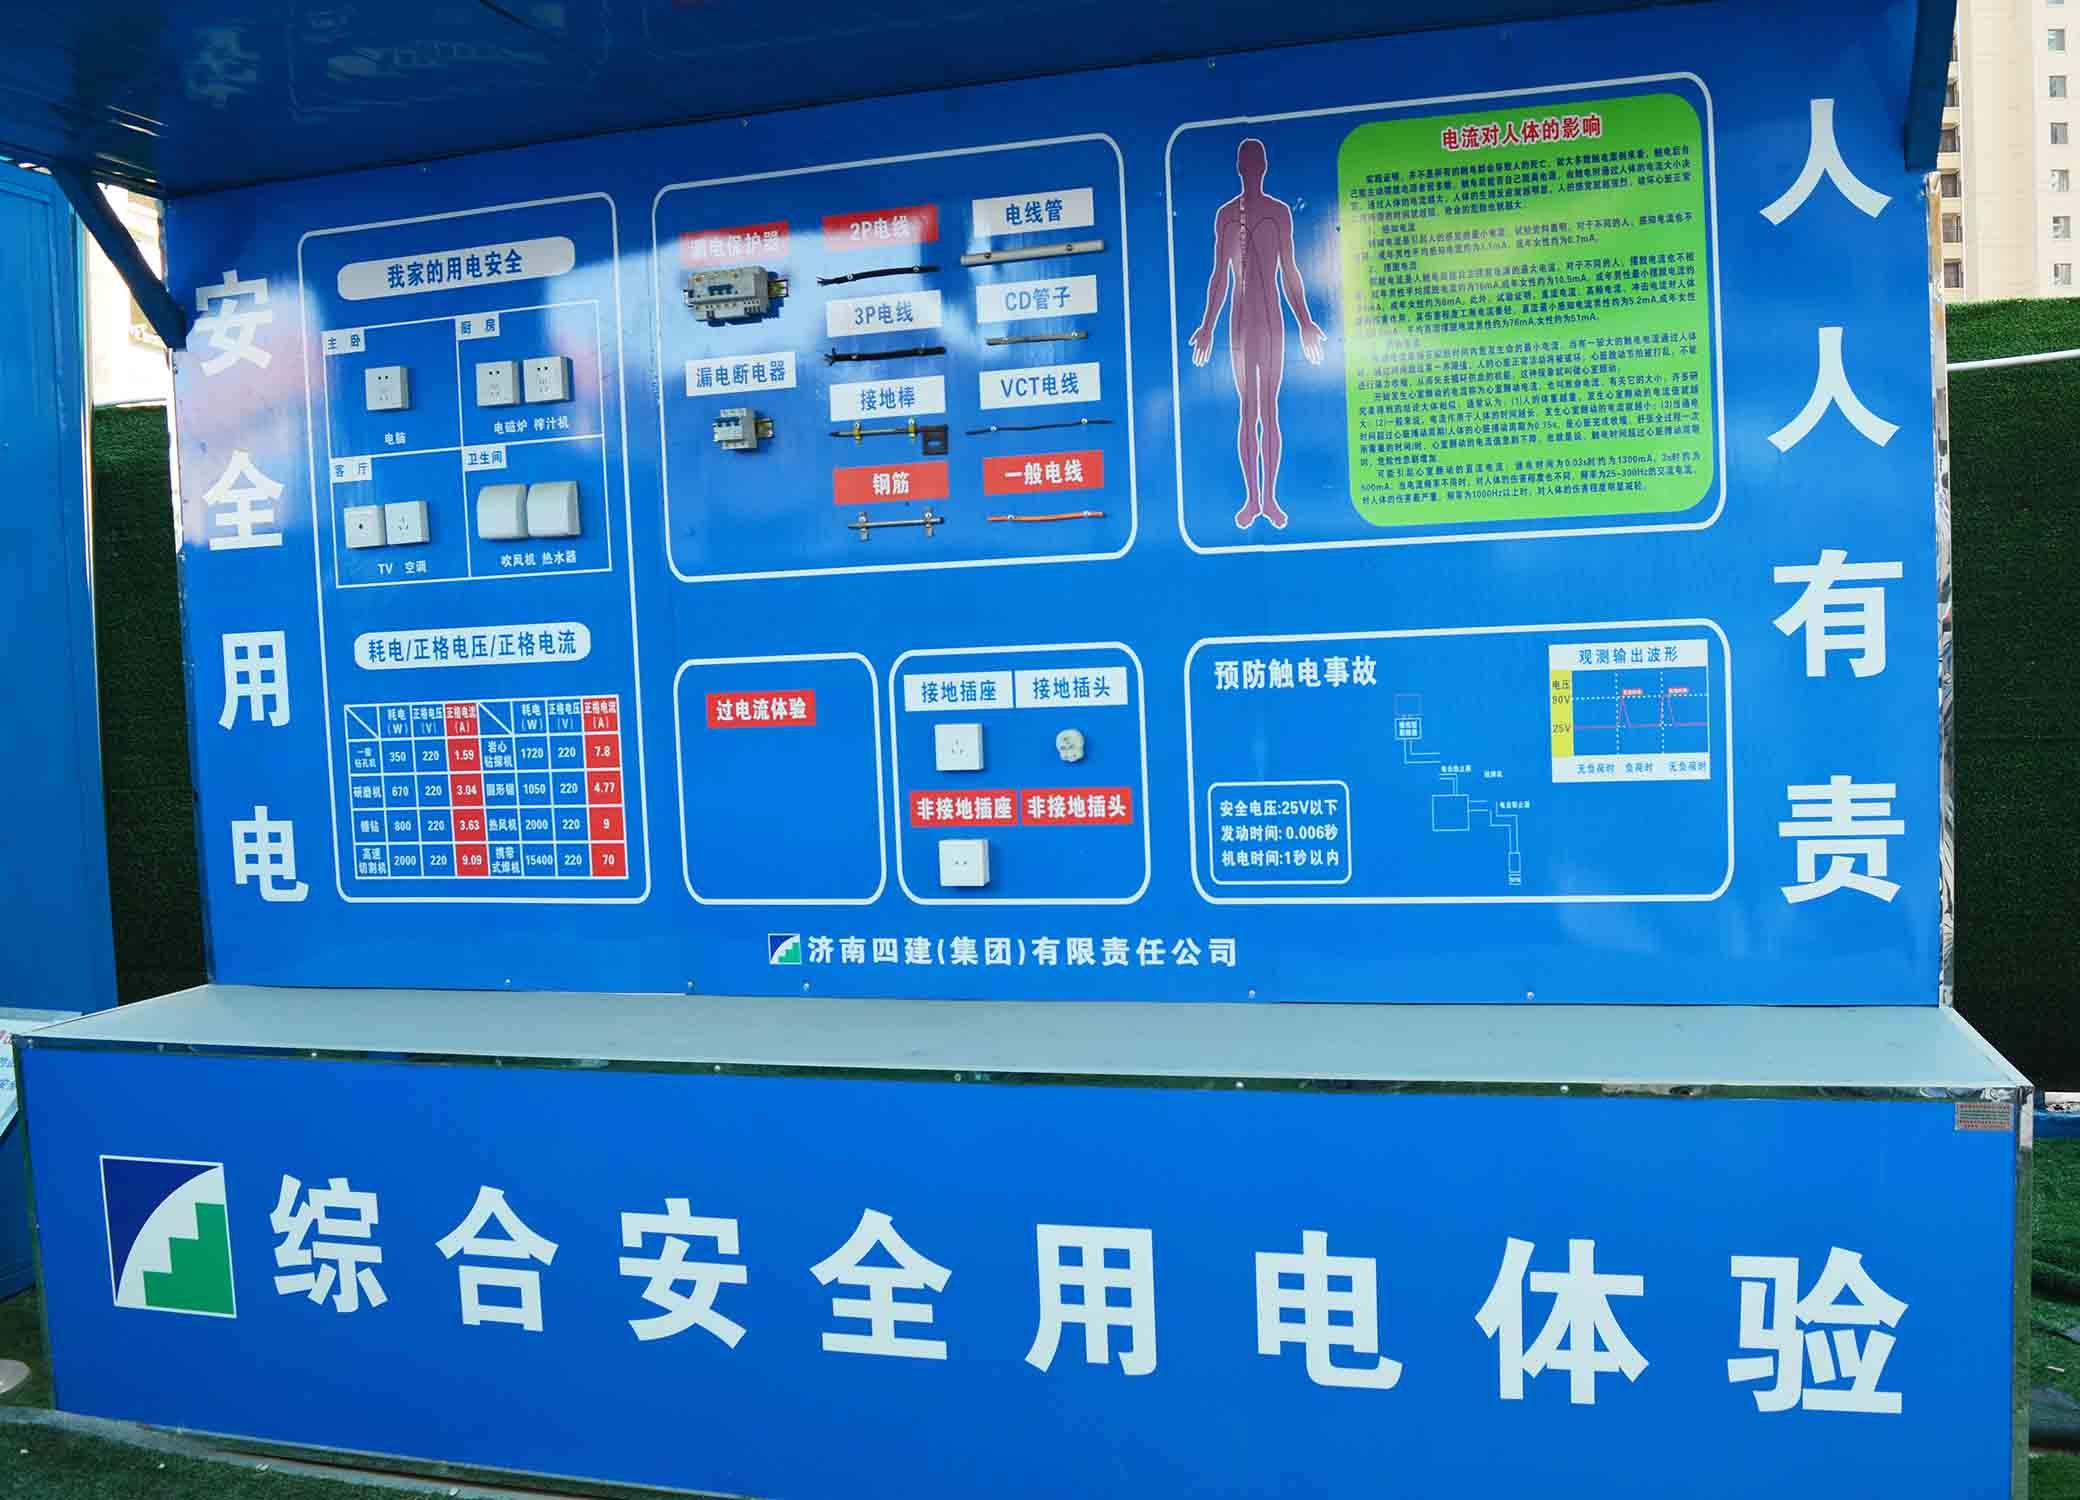 安全用电体验区 安全用电-山东宏信宜文化传媒有限公司